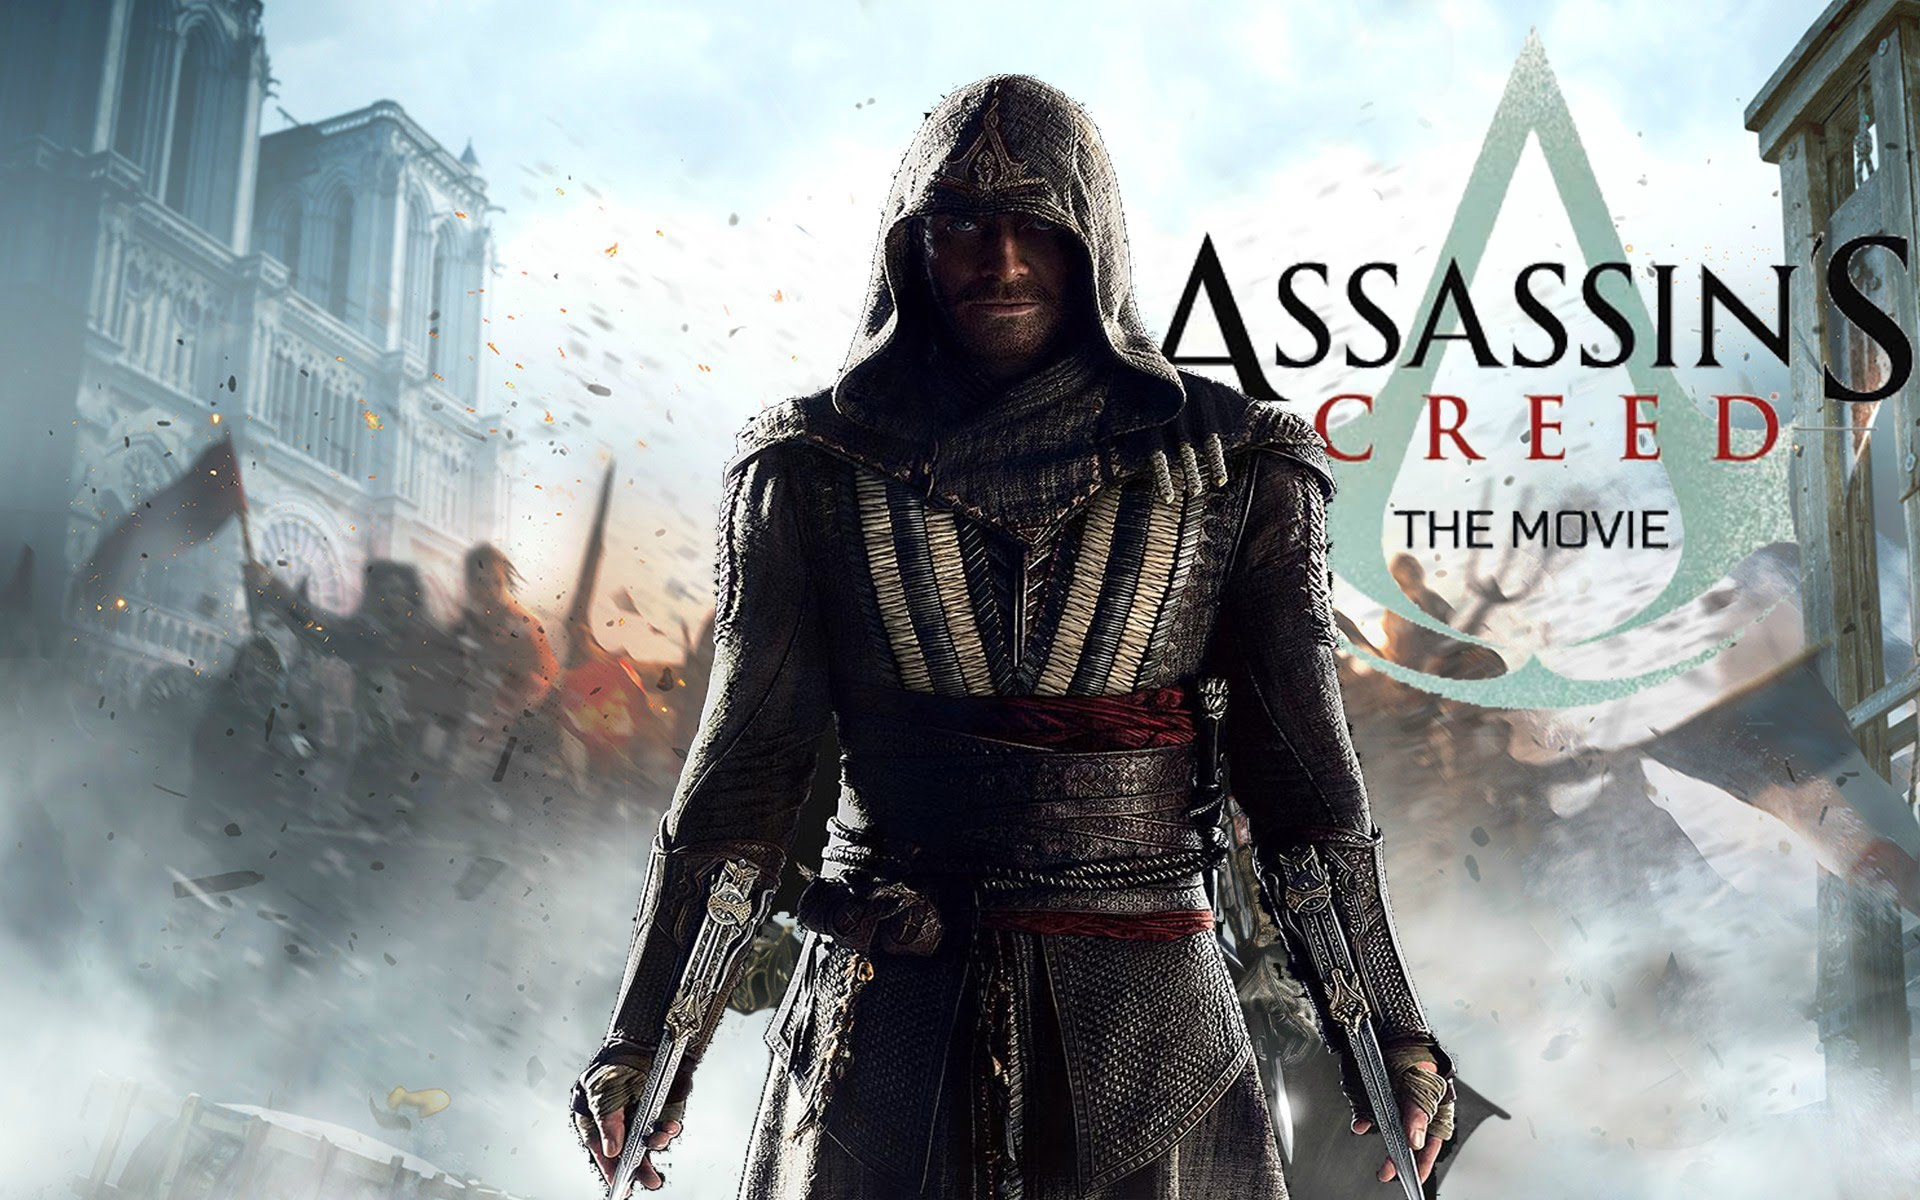 Czy jest możliwa udana ekranizacja gry komputerowej i dlaczego Assassin's Creed nią nie jest?